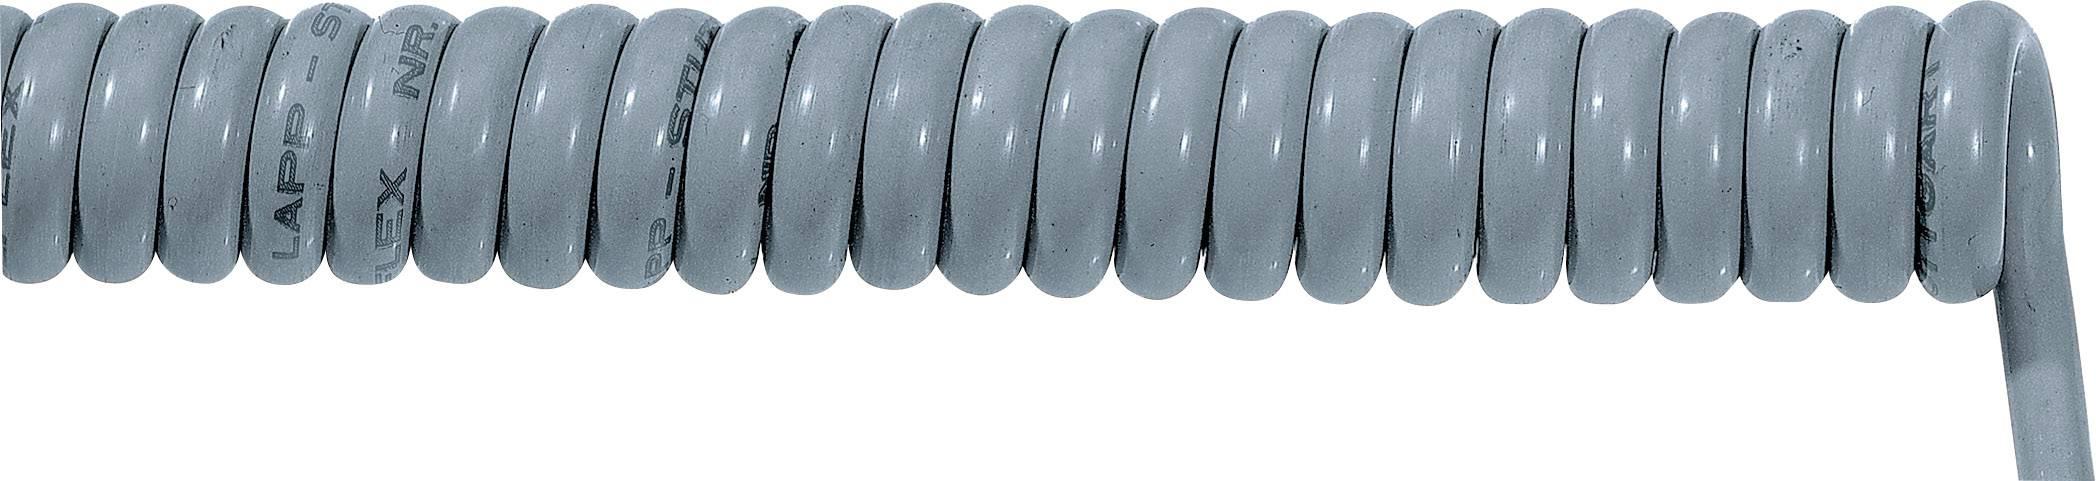 Špirálový kábel 70002668 ÖLFLEX® SPIRAL 400 P 7 x 1 mm², 1500 mm / 4500 mm, sivá